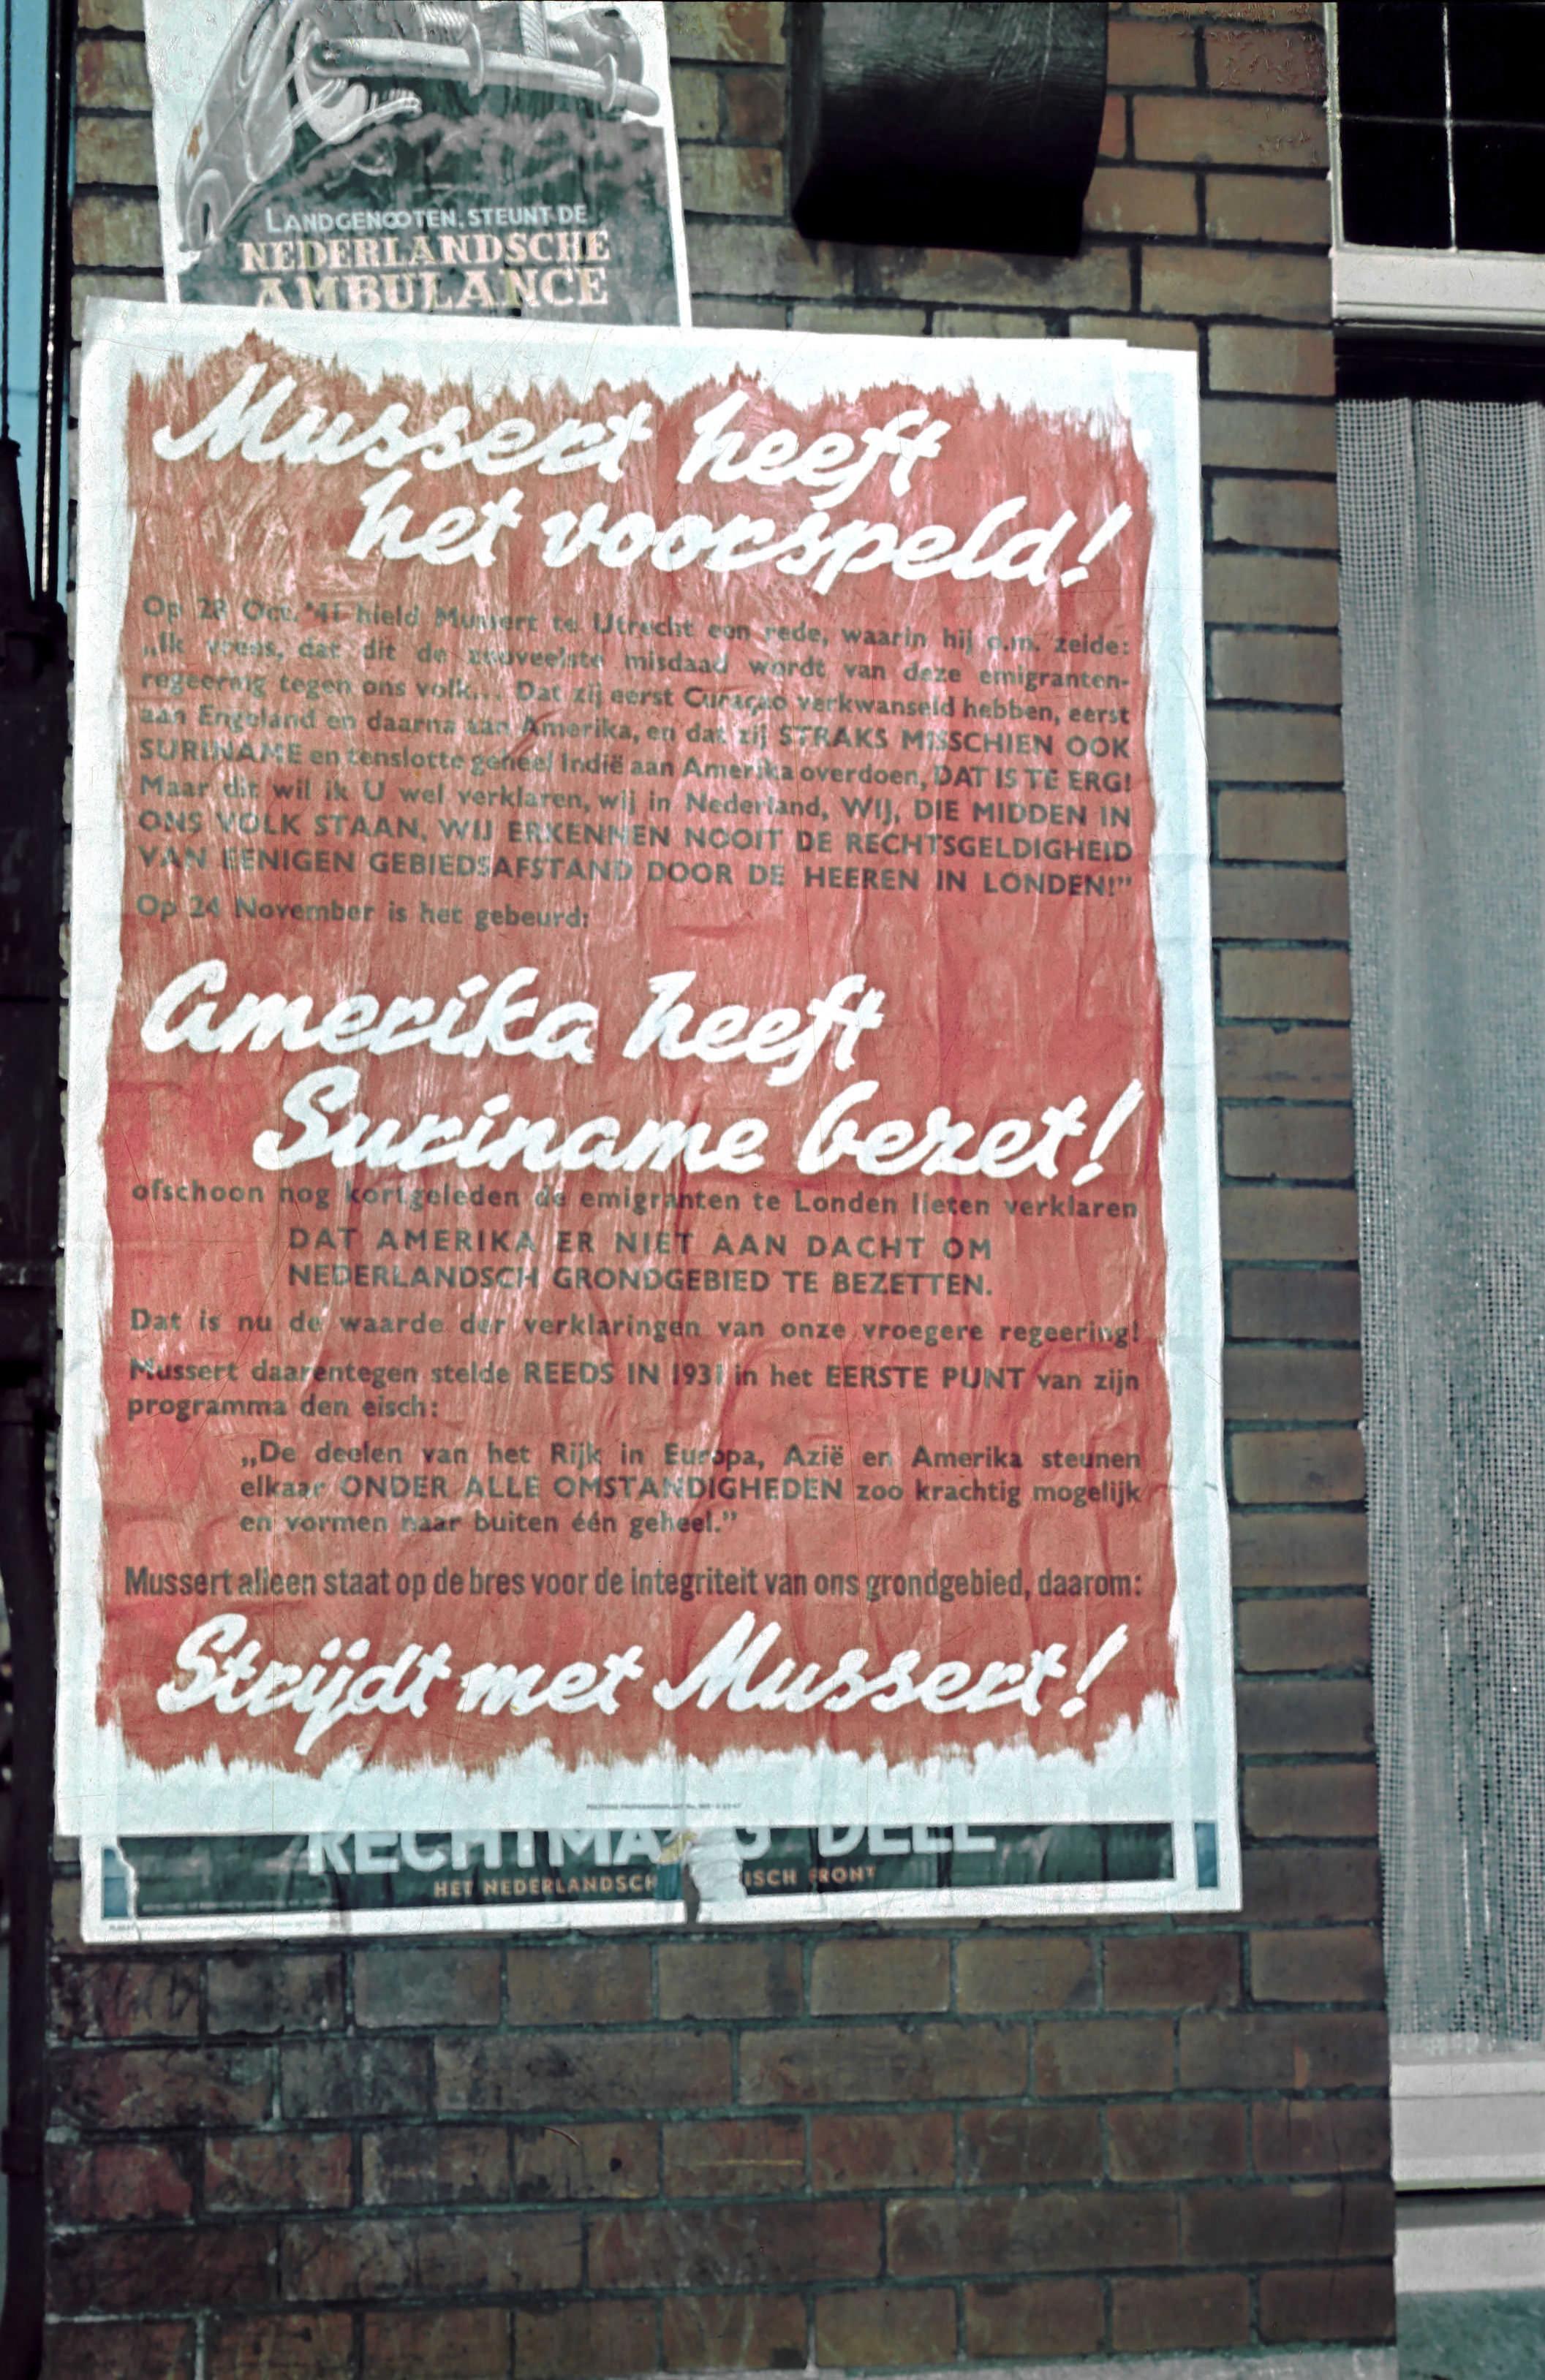 NSB-leider Mussert zette een grote campagne op tegen de Amerikaanse 'bezetting' van Suriname eind 1941.